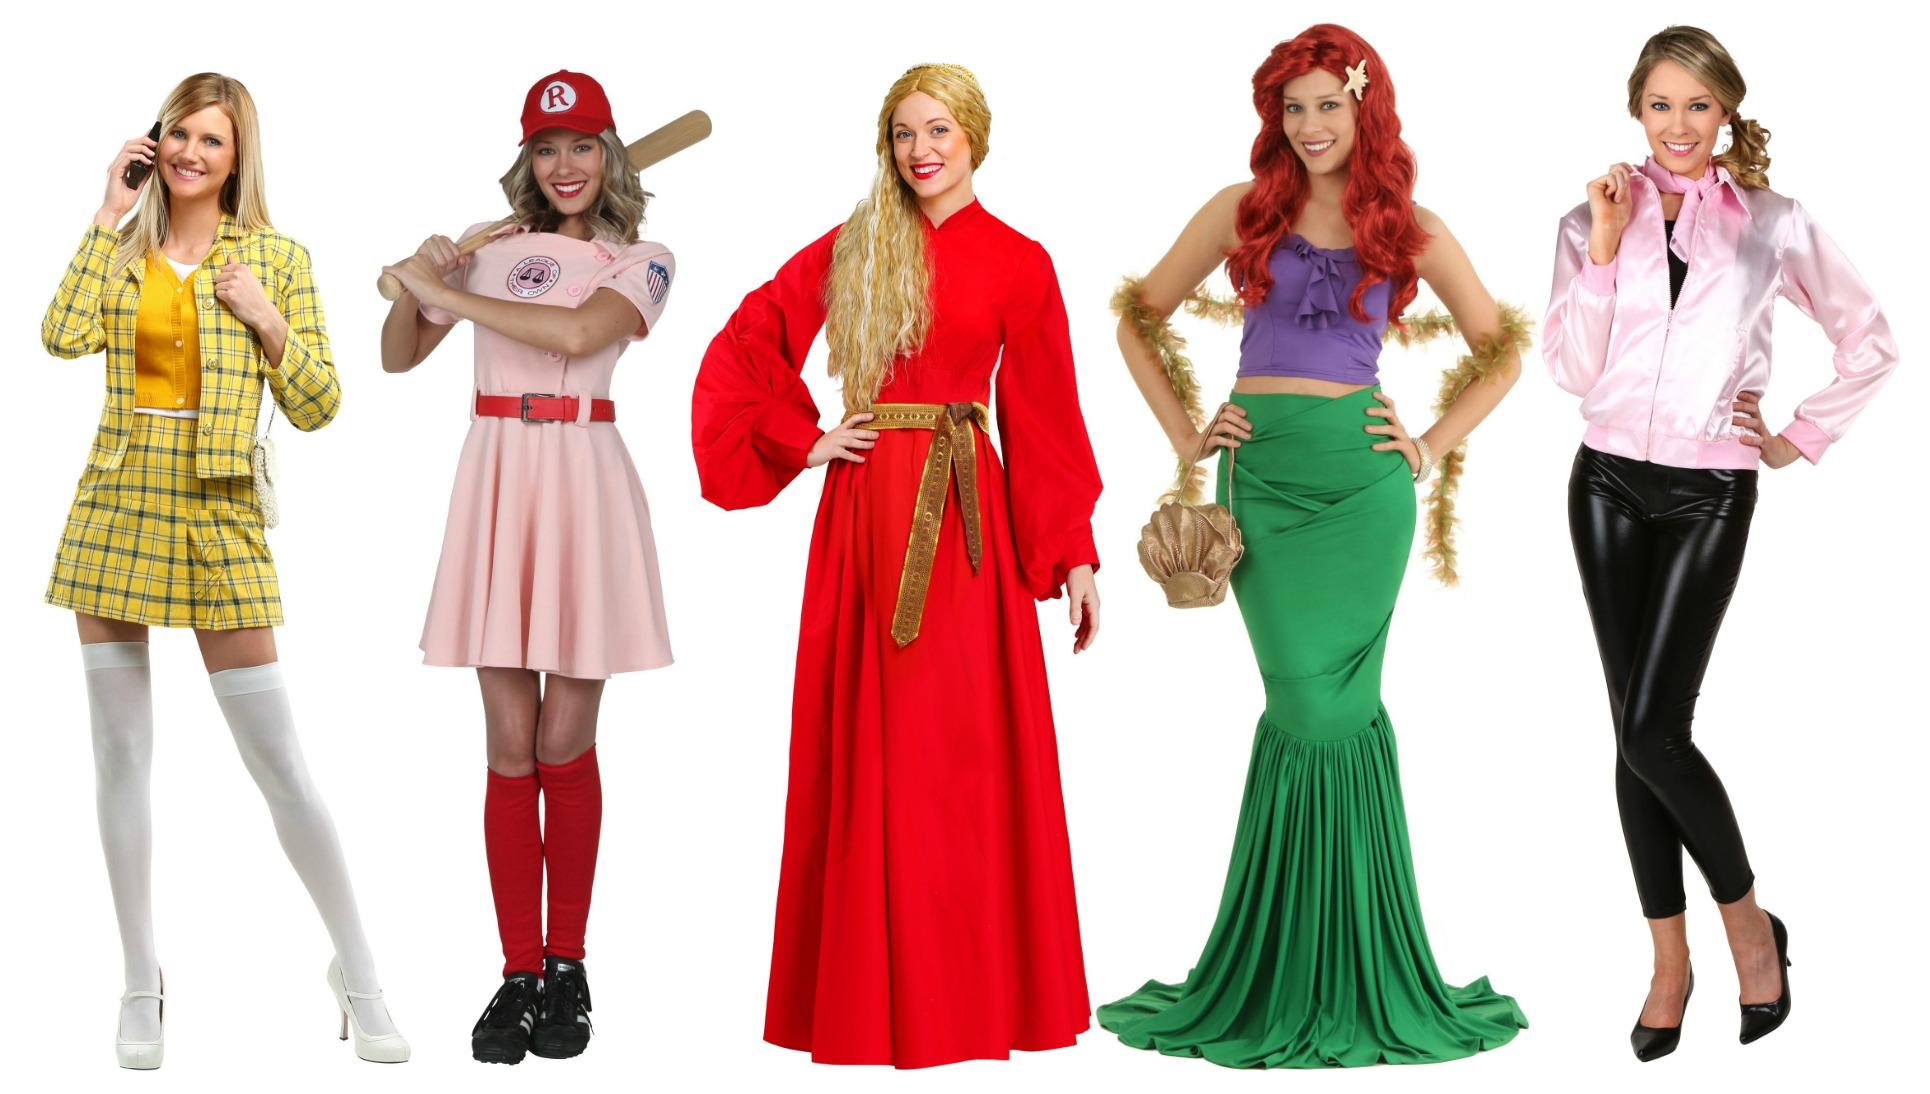 Halloween Dress Up for Women